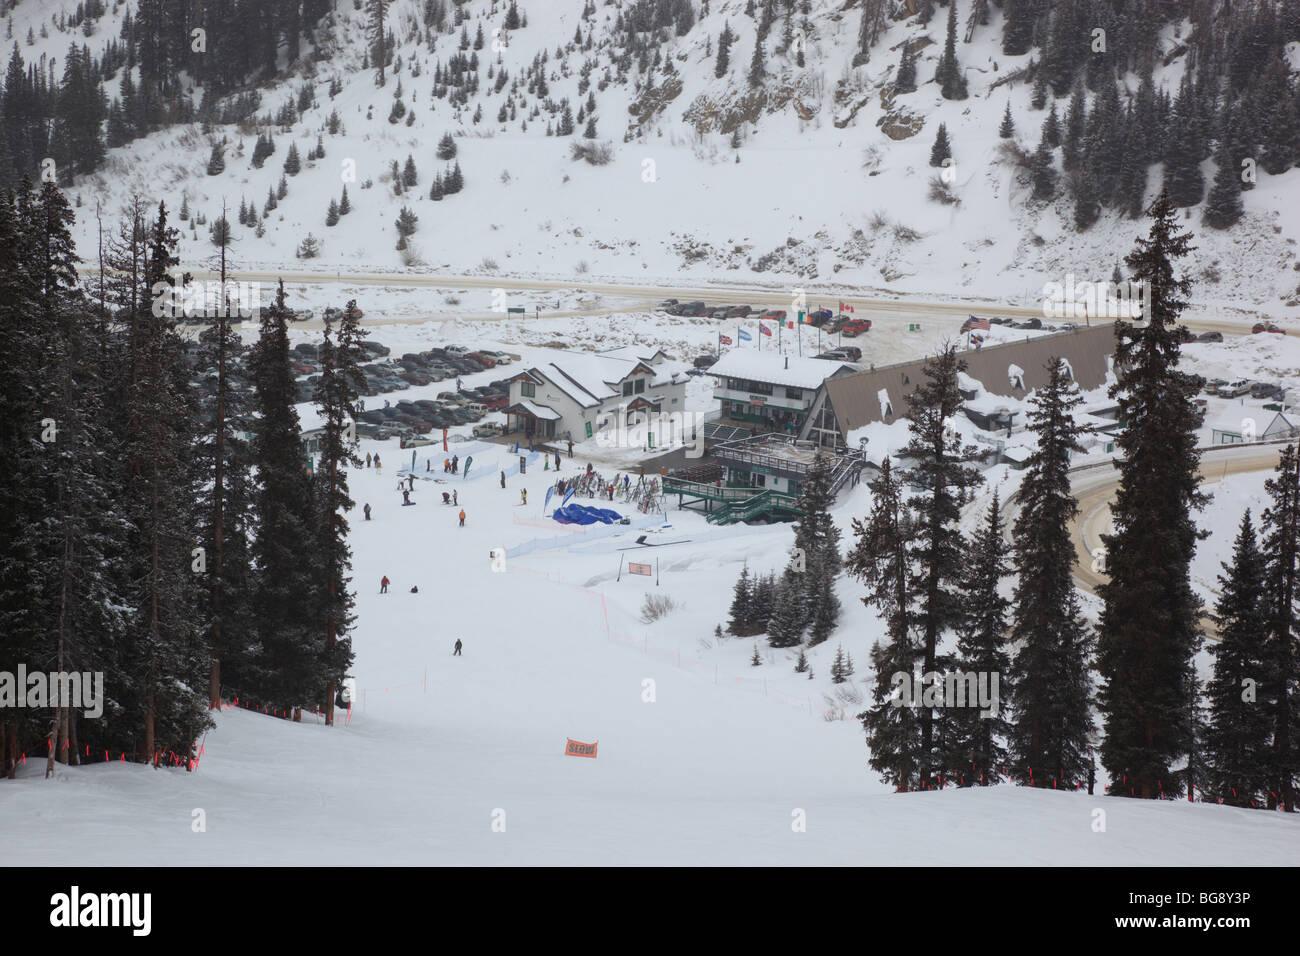 Base area of Arapahoe Basin ski area in Colorado USA - Stock Image